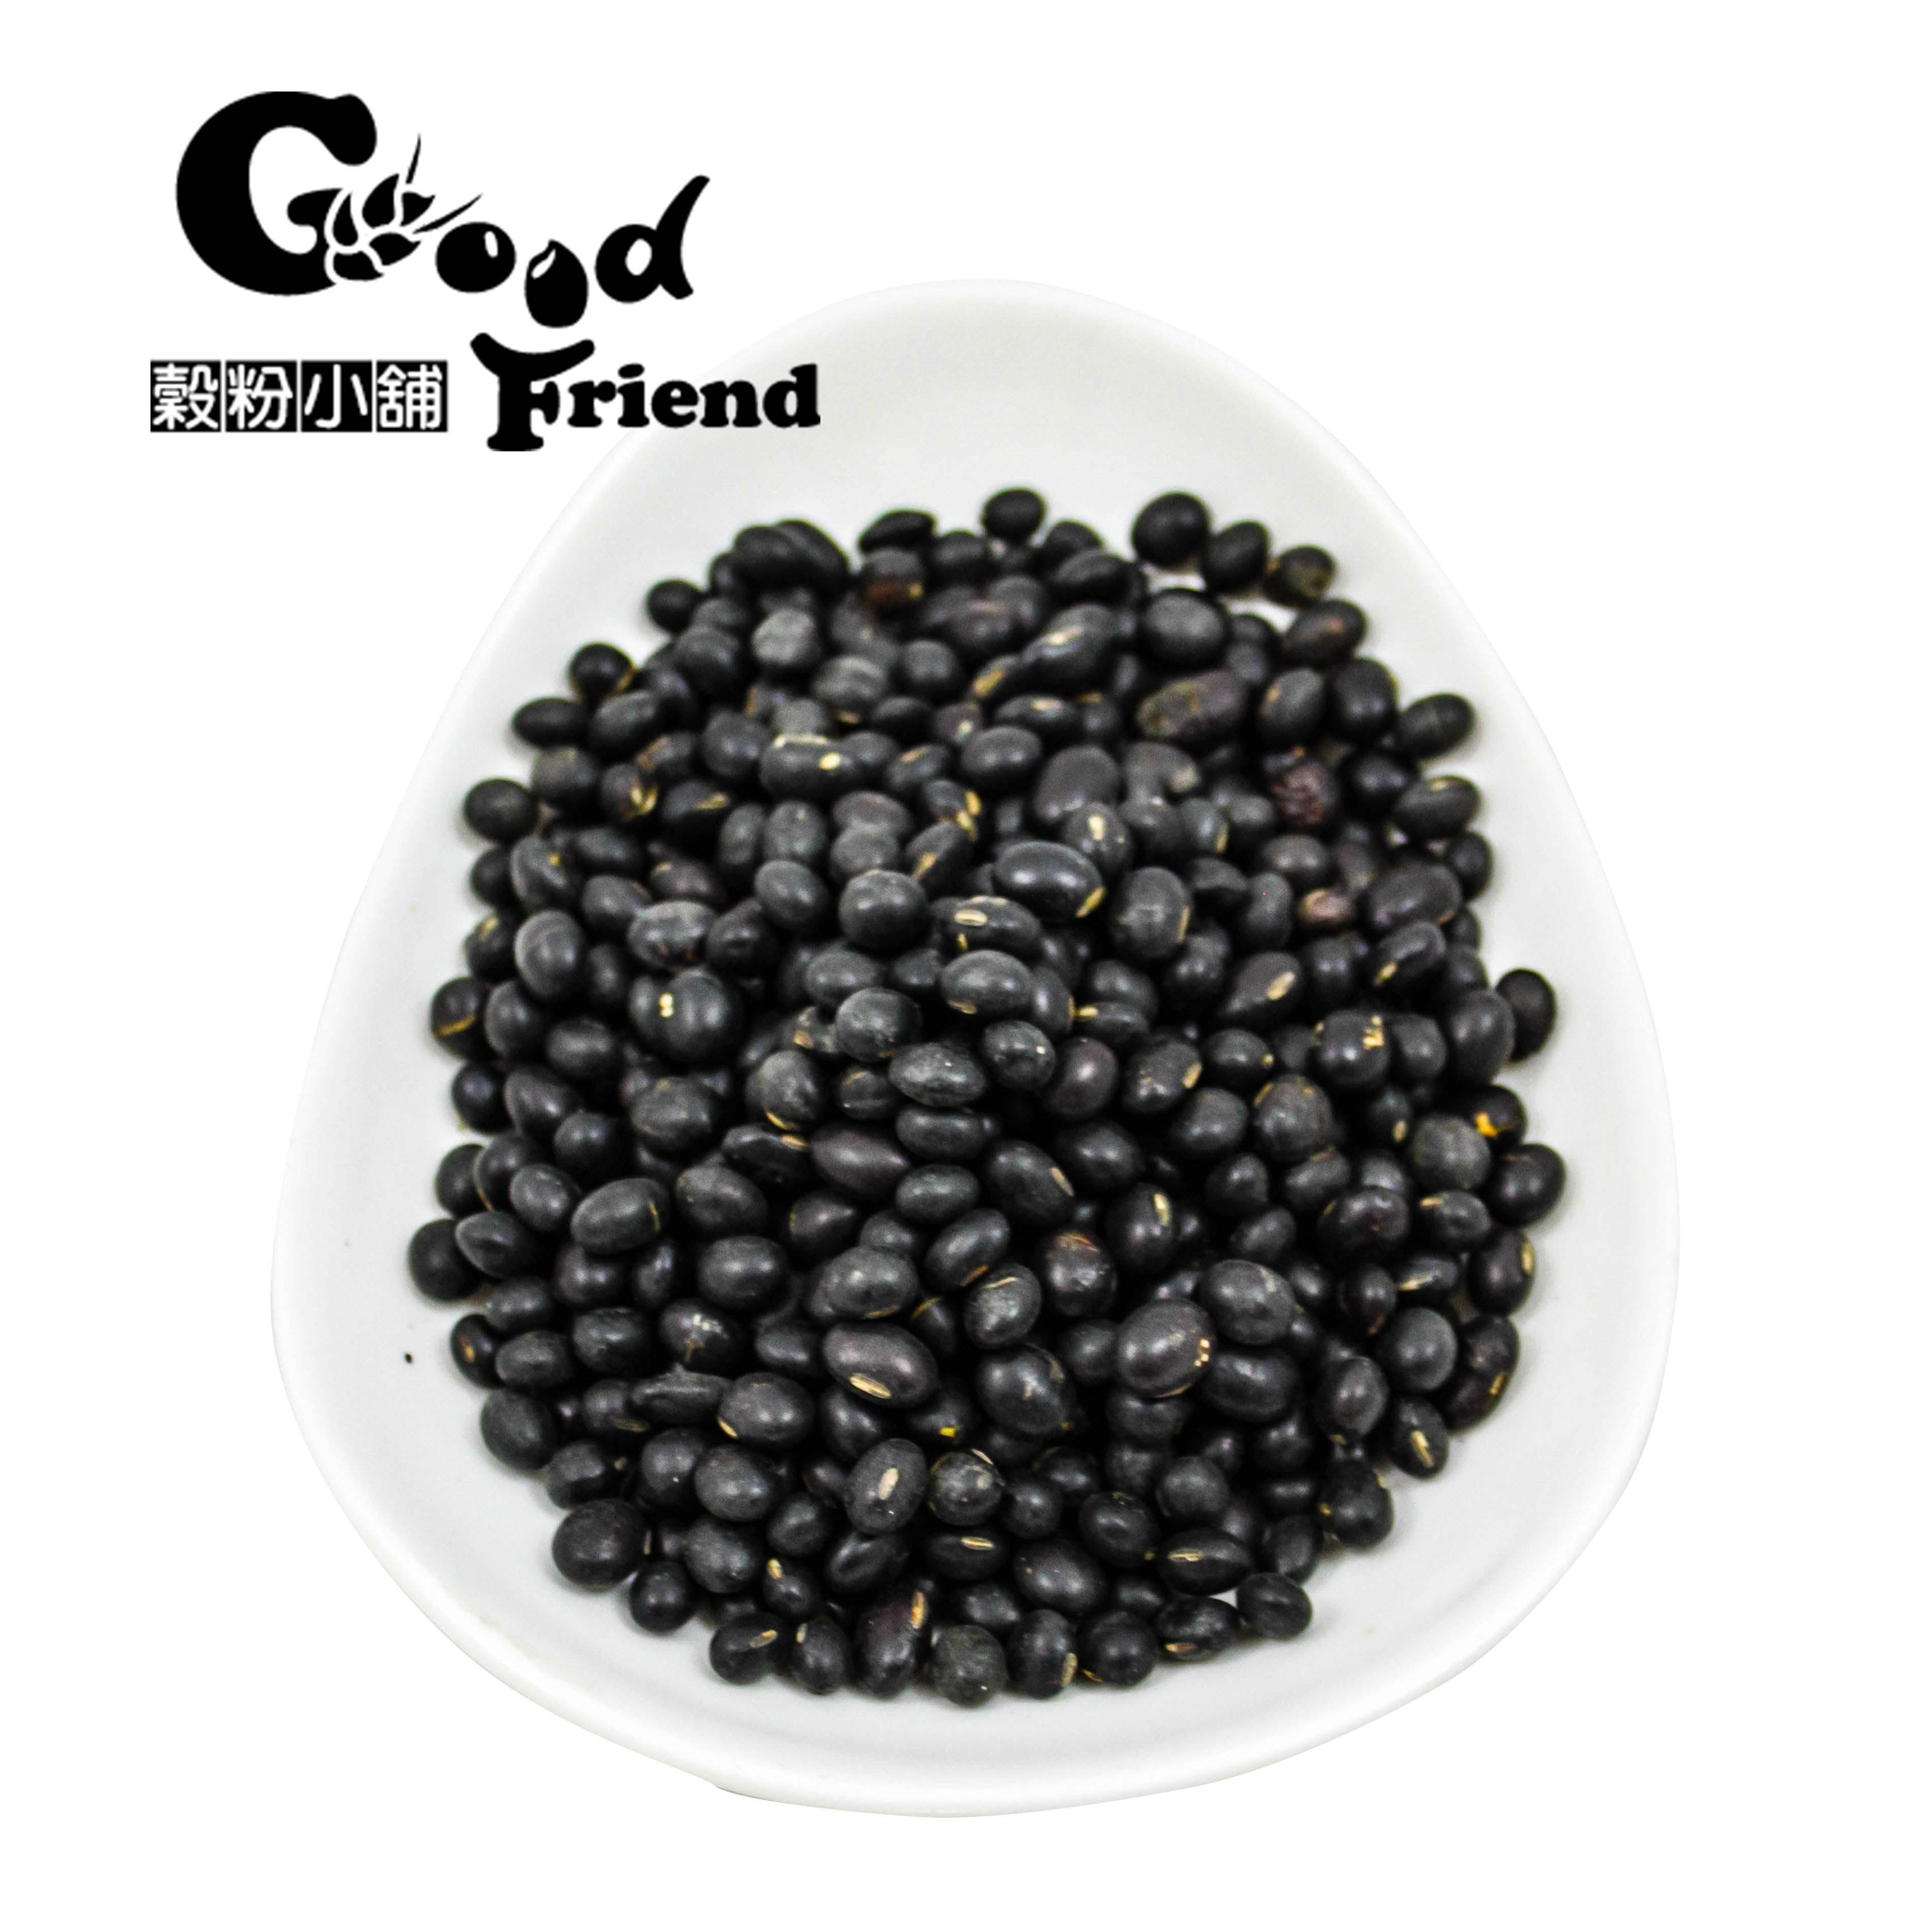 【穀粉小舖 Good Friend Shop】 新鮮 自製 天然 健康 黑豆 黑豆茶 嚴選 100%  青仁黑豆 (養生茶飲)